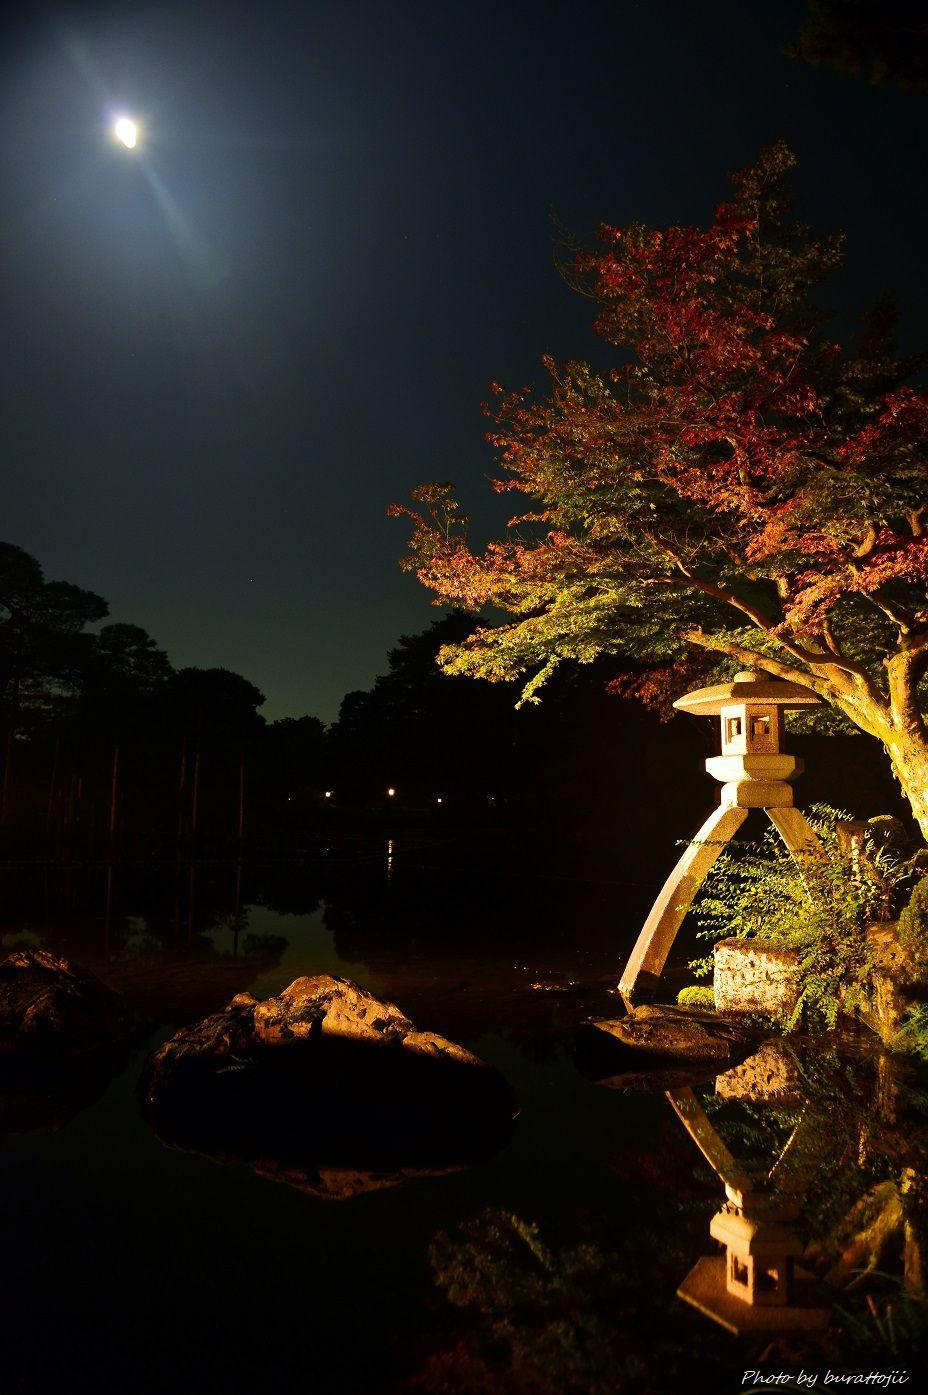 2014.09.08中秋の名月鑑賞の夕べ7